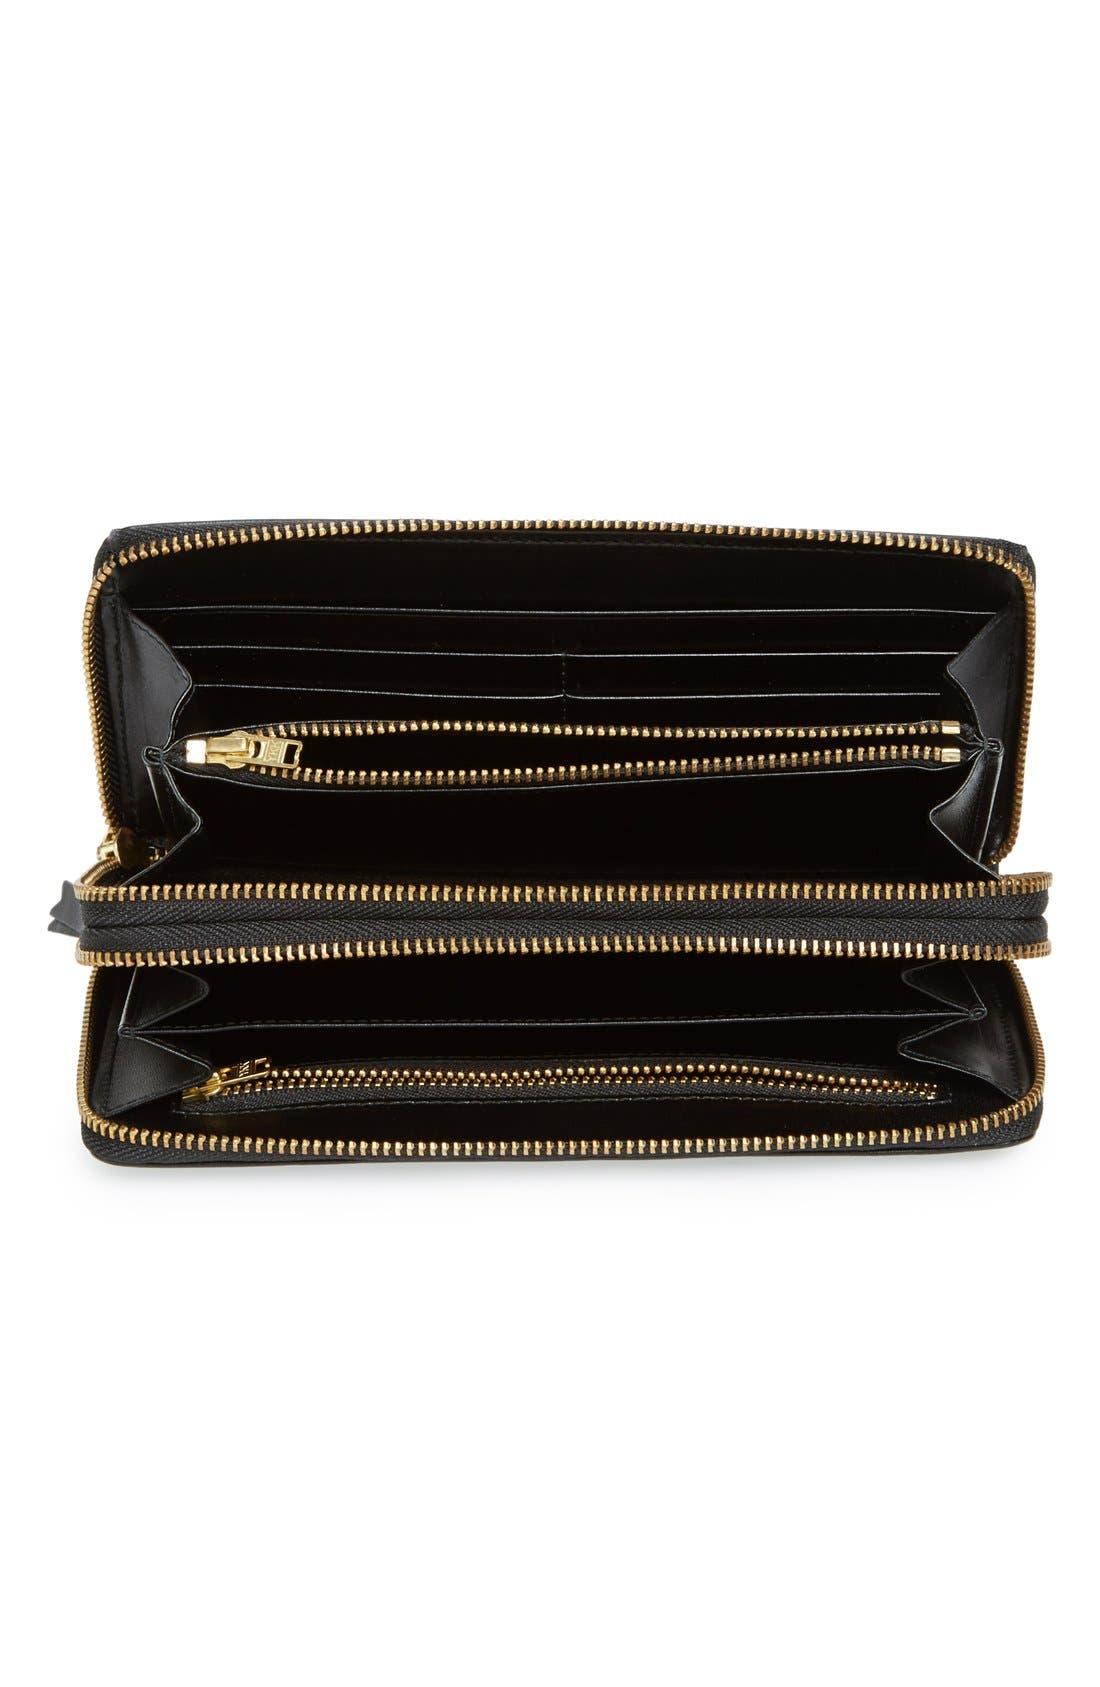 COMME DES GARÇONS, Leather Continental Long Wallet, Alternate thumbnail 2, color, BLACK